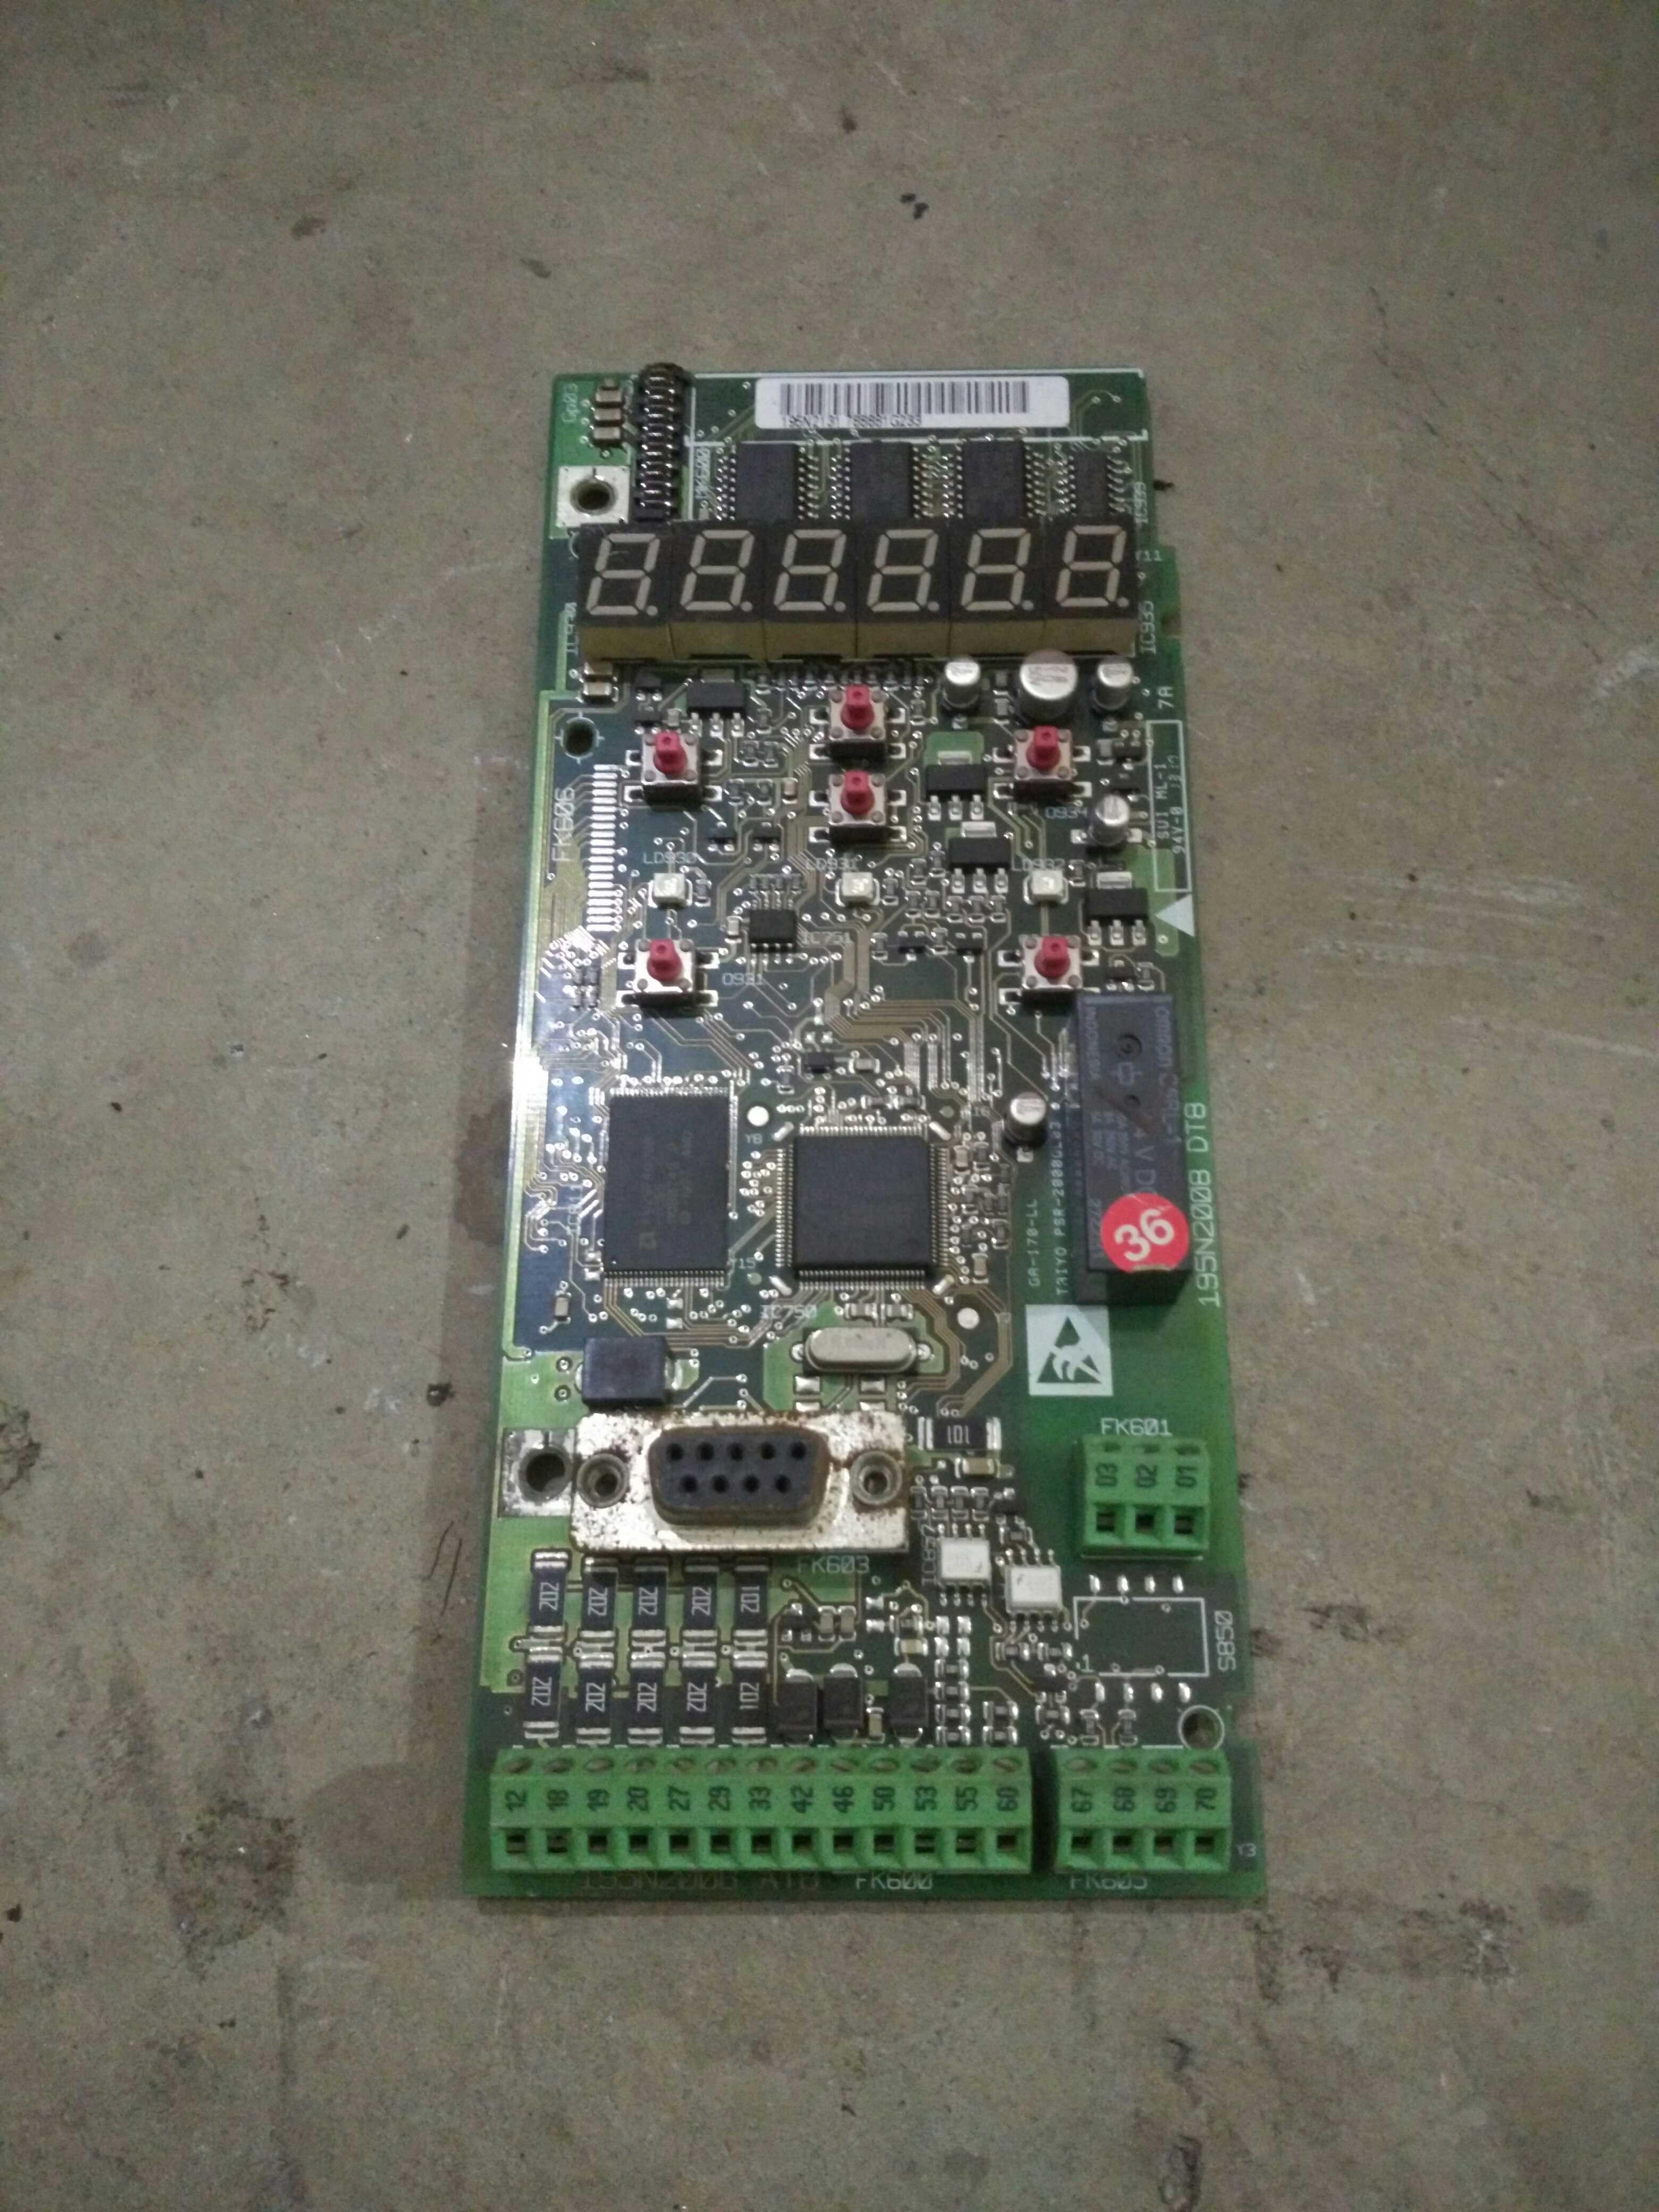 Красный будда этот преобразование частот устройство материнская плата /C кожзаменитель доска господь контроль доска VLT2800 VLT2900 серия